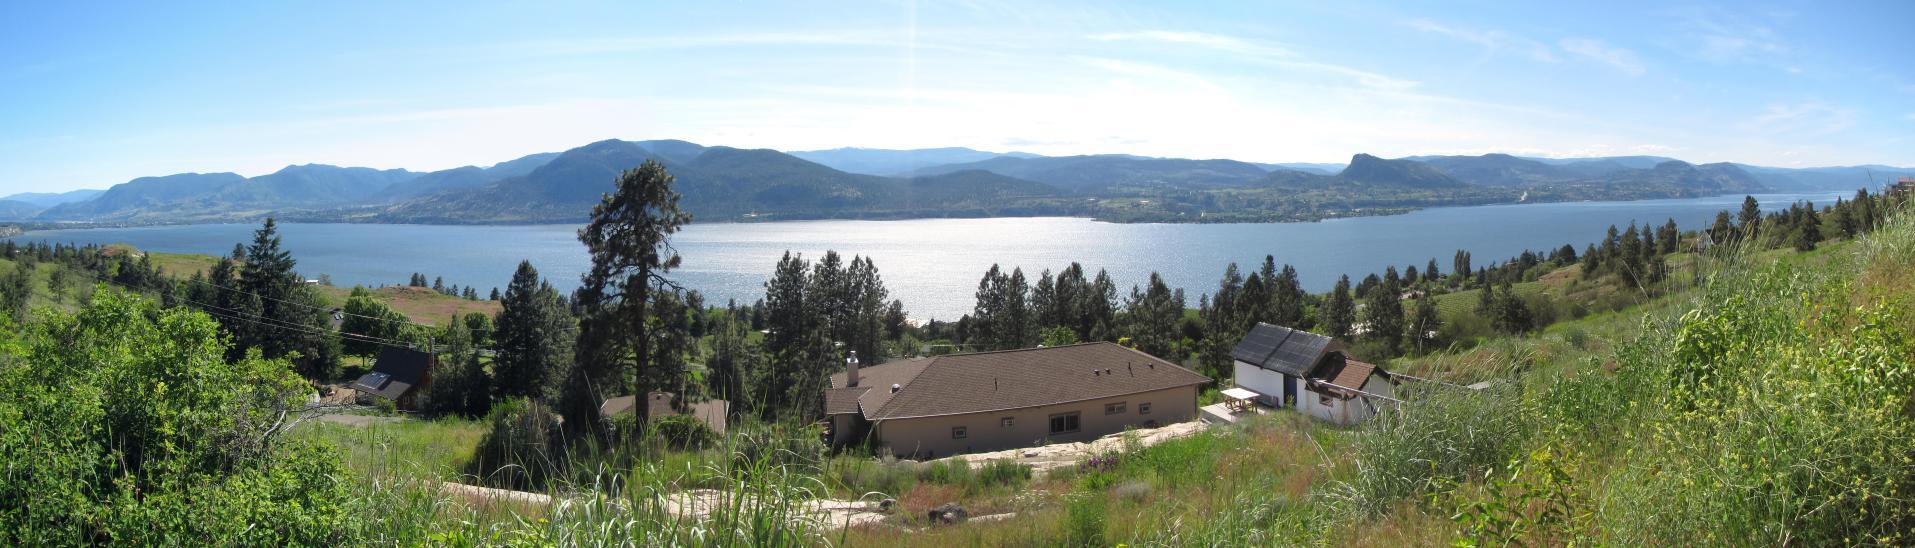 2017-06-05 Twin Lakes_Chute Lake-6_stitch